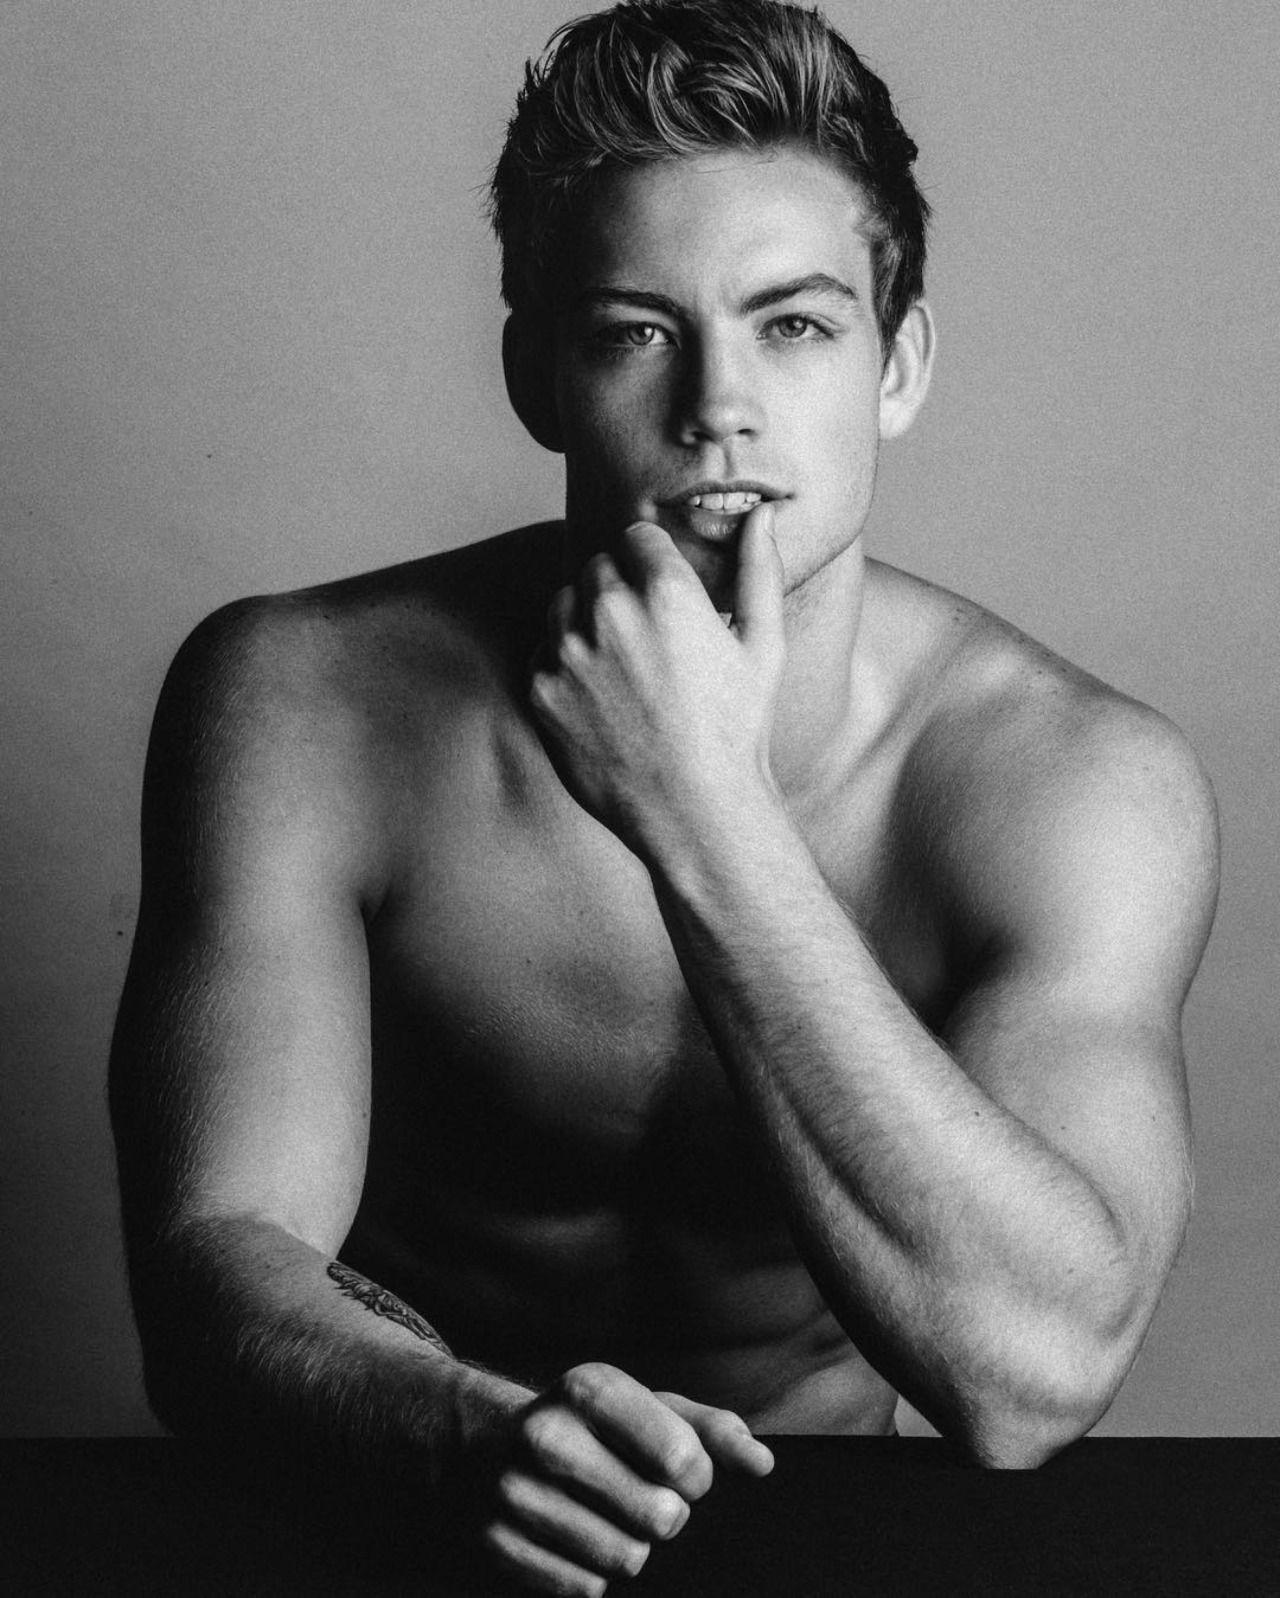 Hot male models tumblr